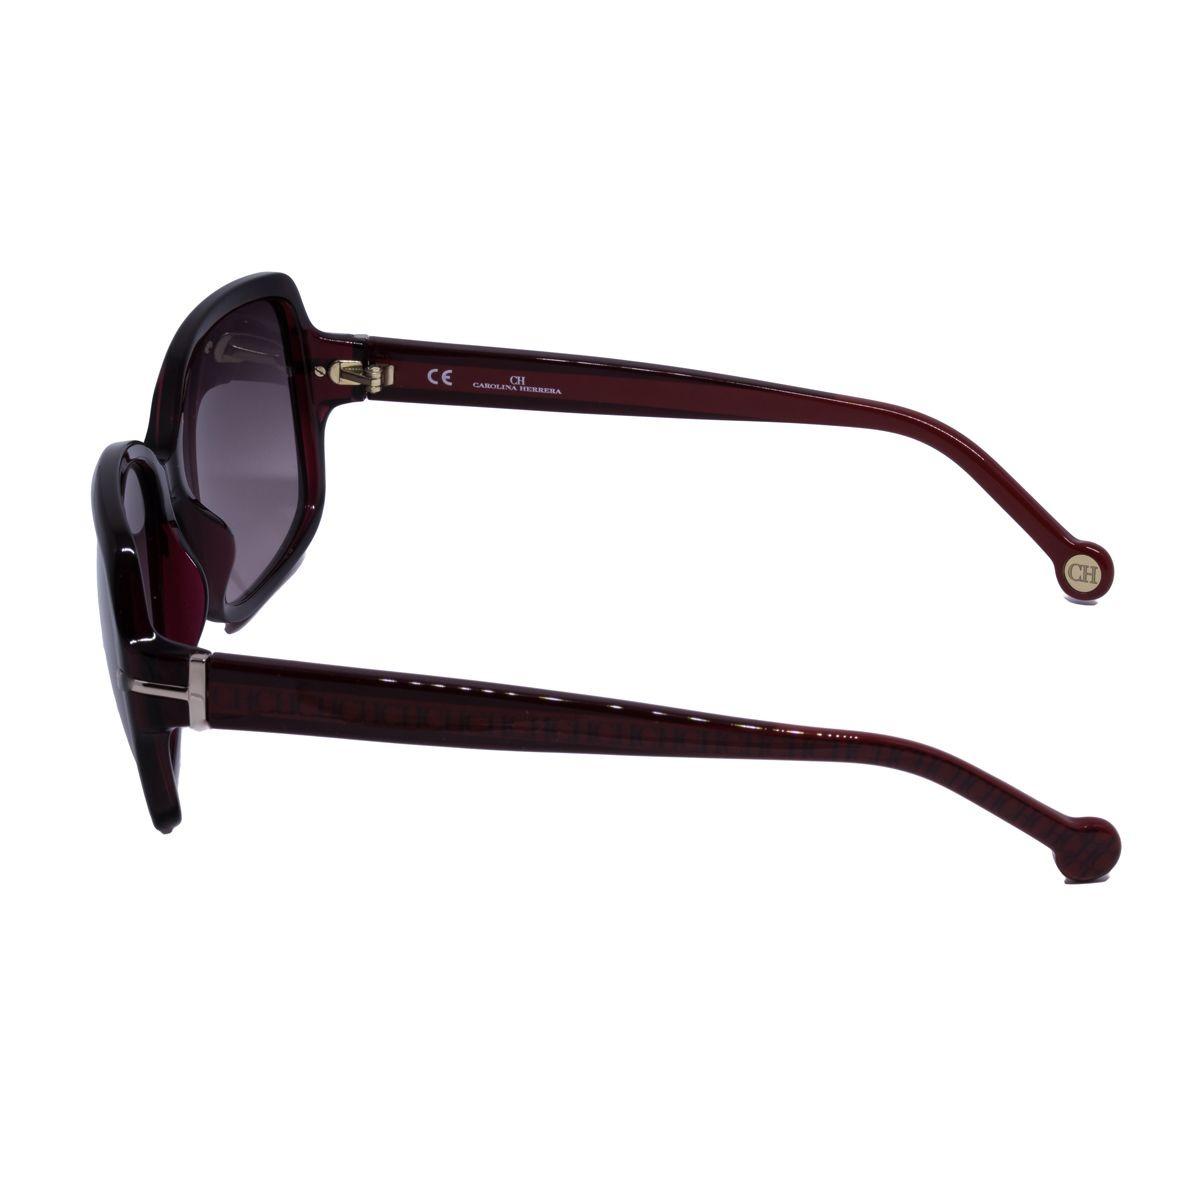 b2e60be503572 óculos de sol carolina herrera original she574. Carregando zoom.